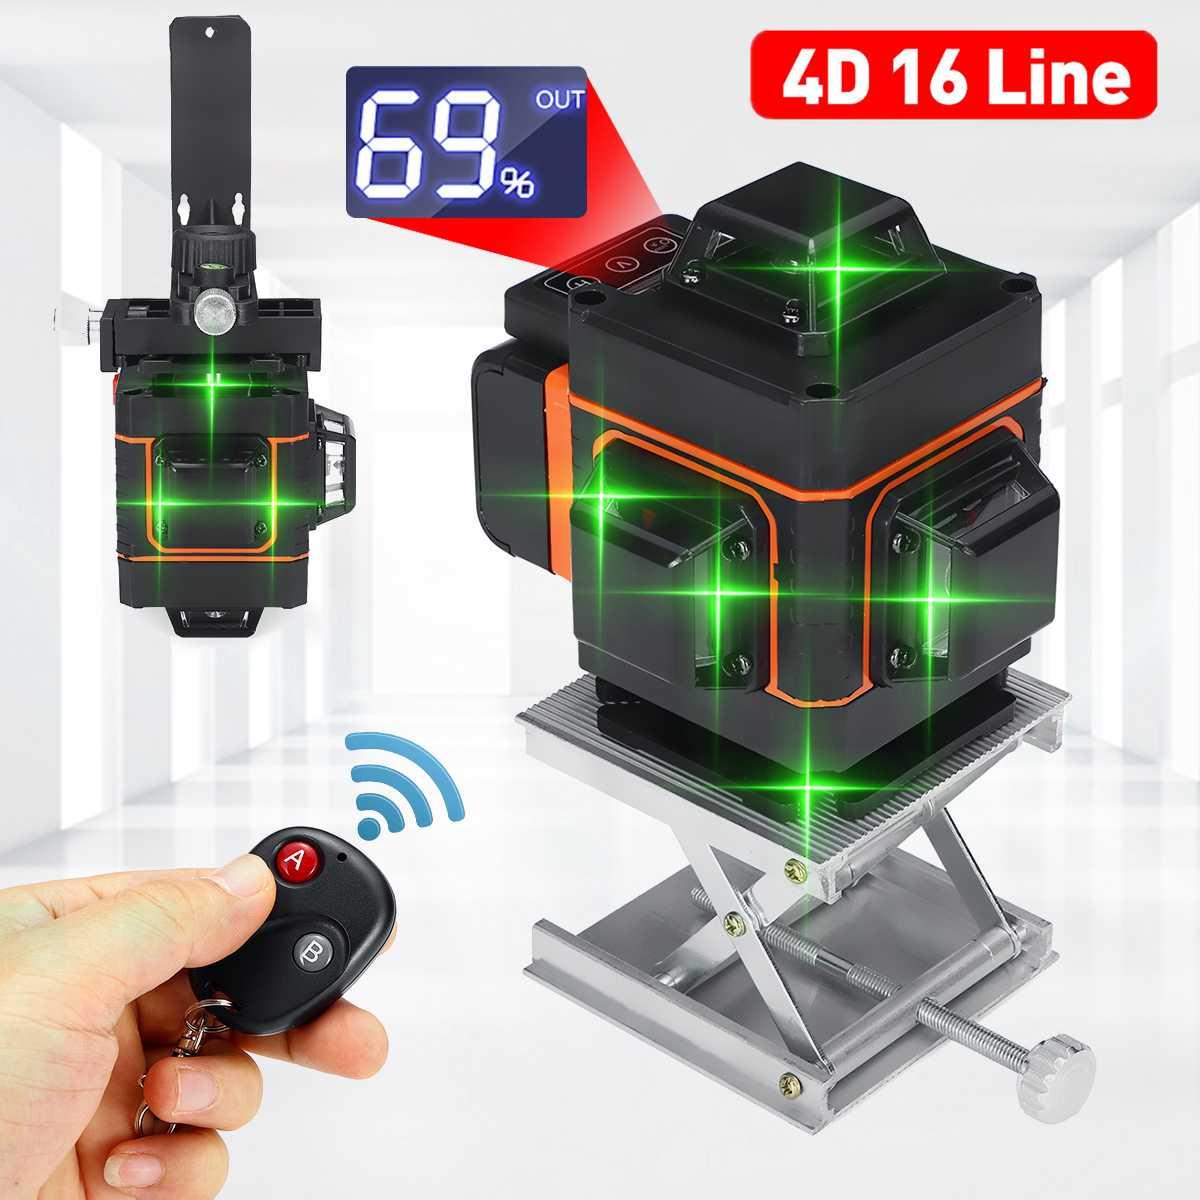 Linha de Nível Laser Verde Display Led Auto Nivelamento 360 ° Níveis Horizontal Vertical Cruz Controle Remoto 16 4d Luz